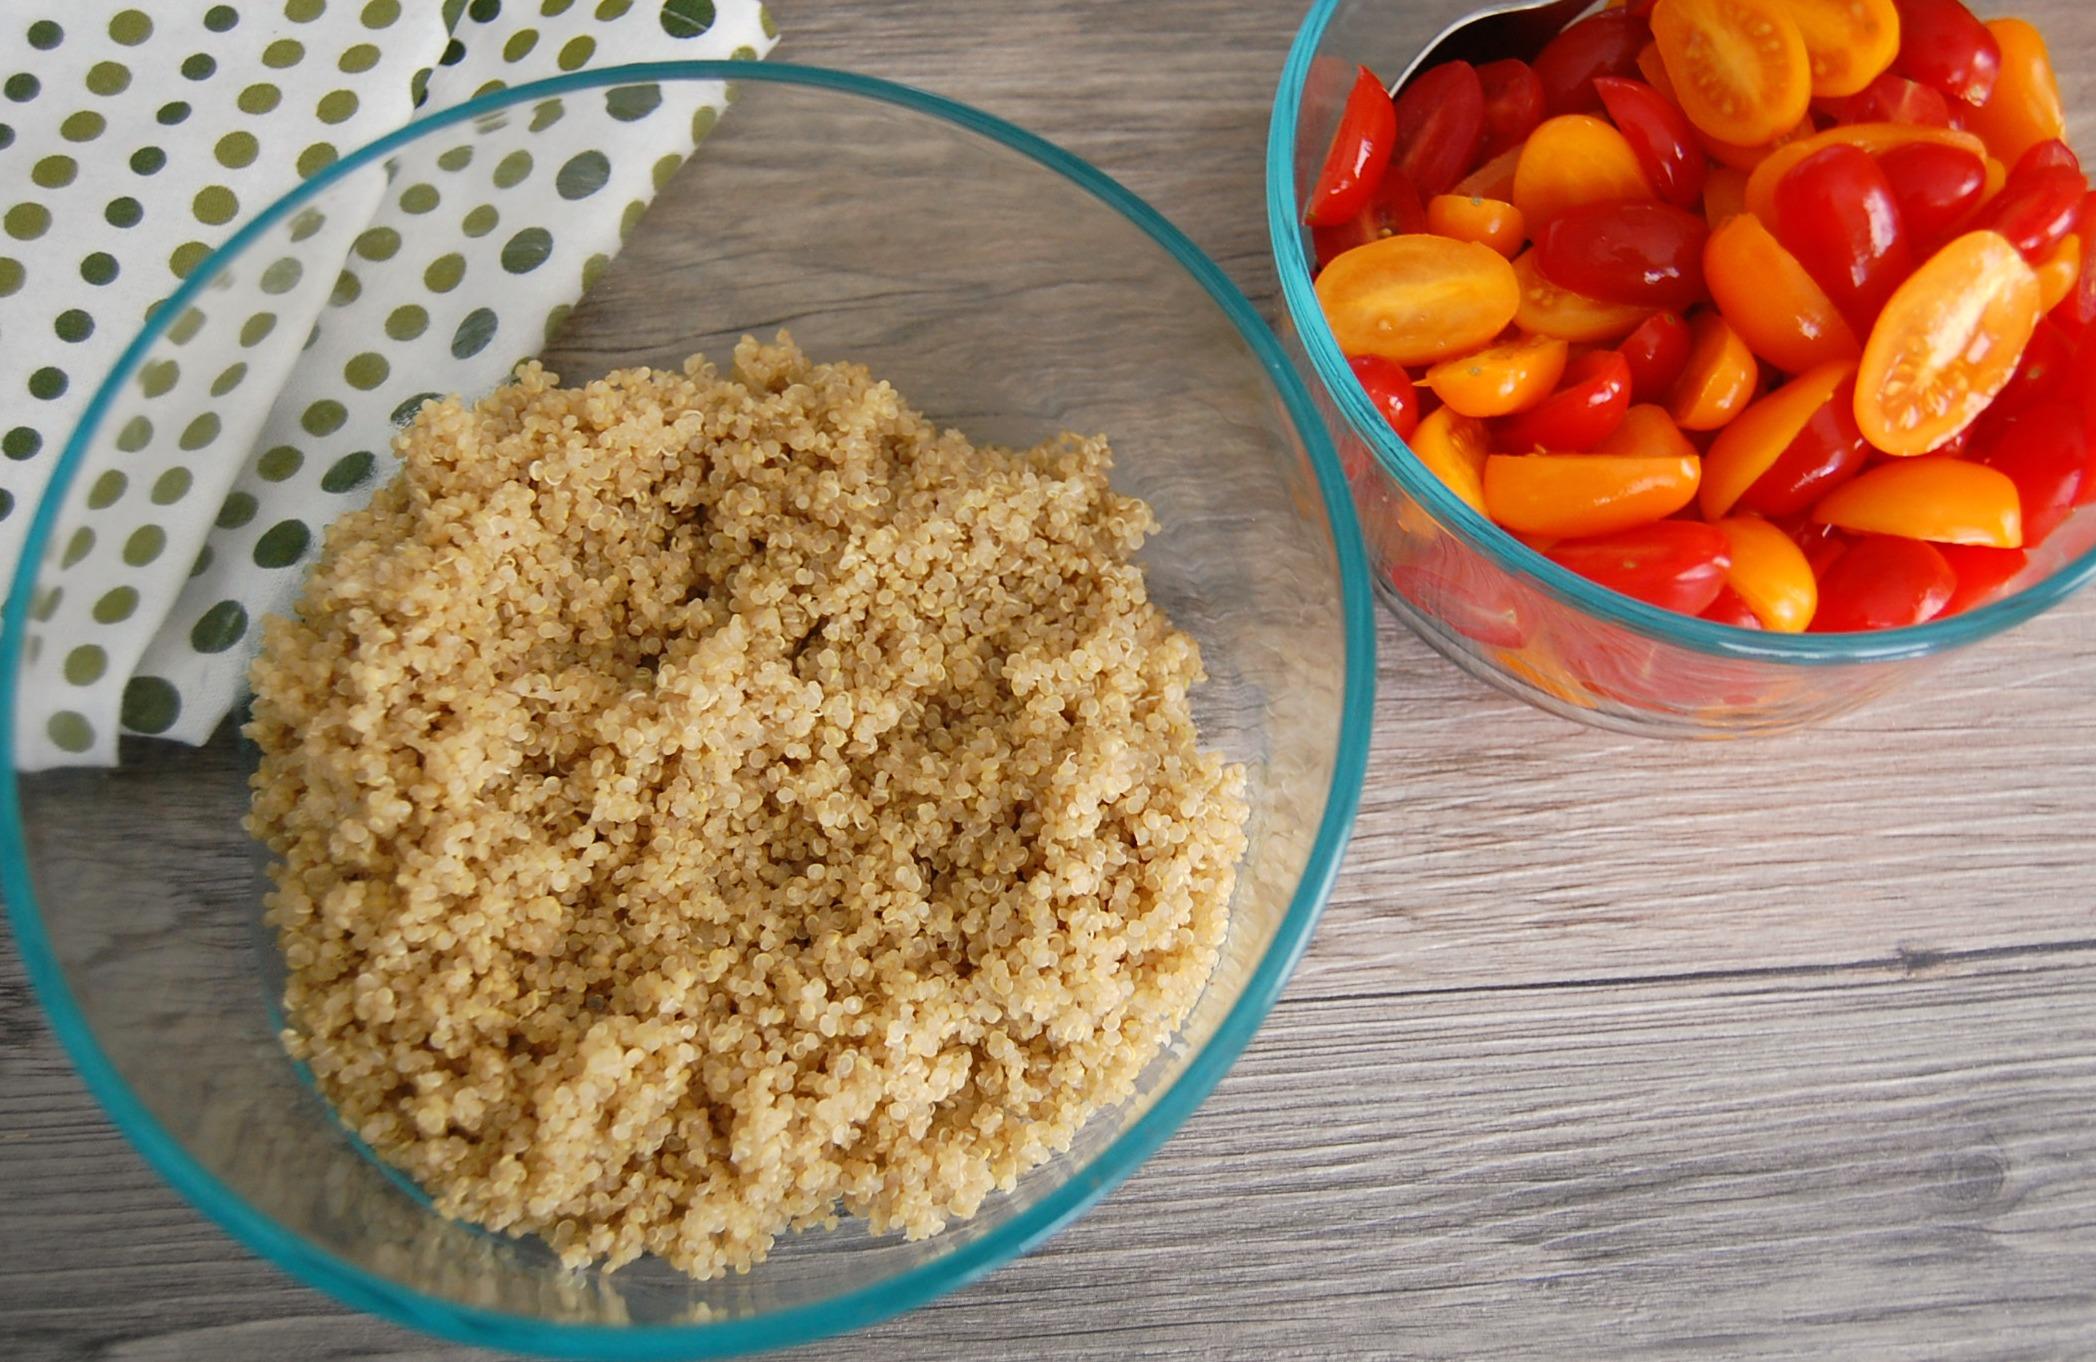 Tomato Quinoa Salad